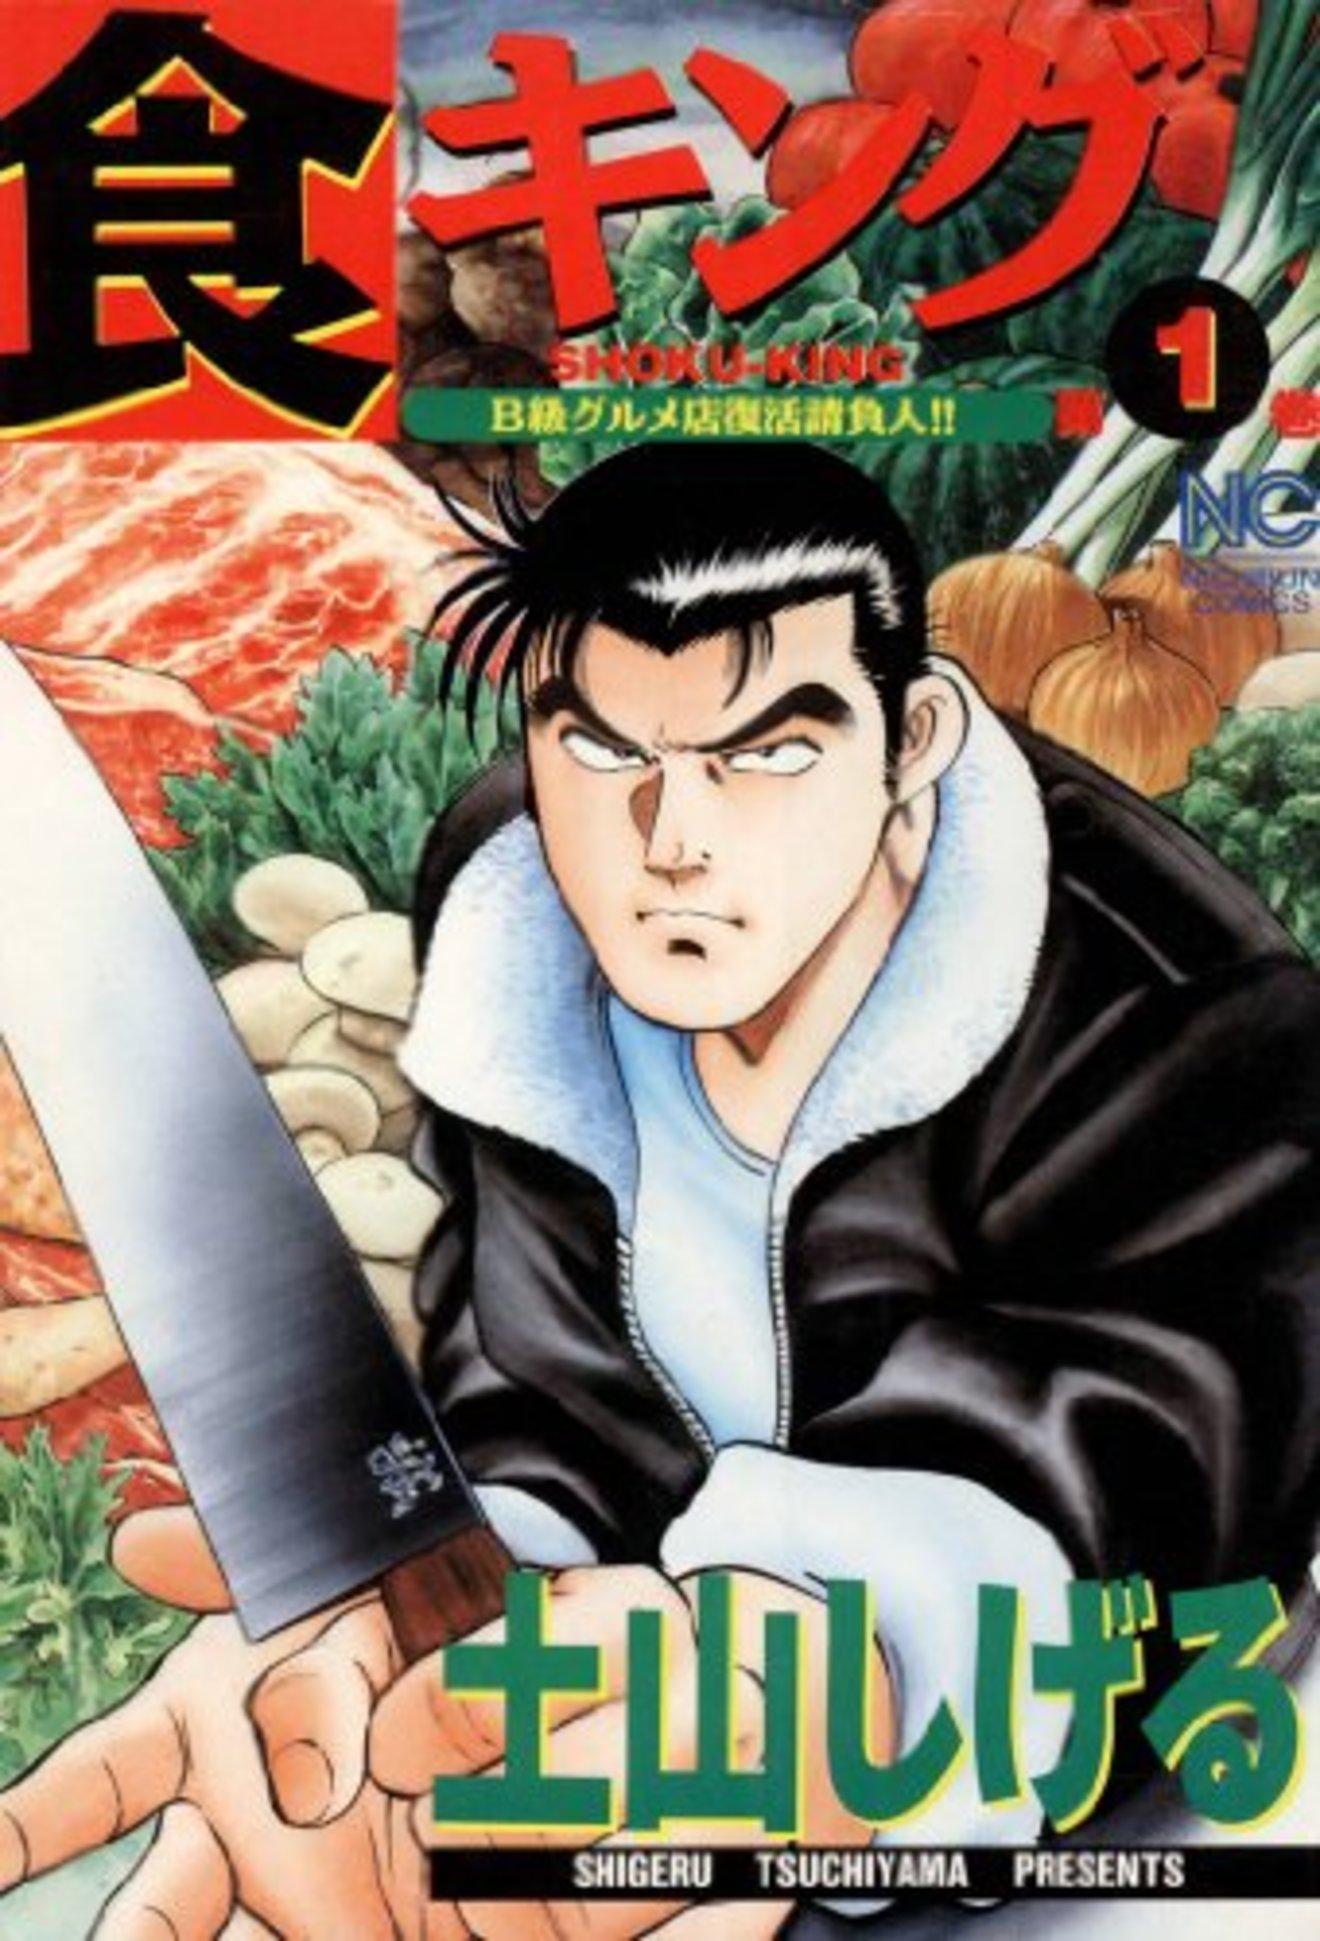 無料で読める漫画『食キング』のパワー溢れるクレイジーさをネタバレ紹介!